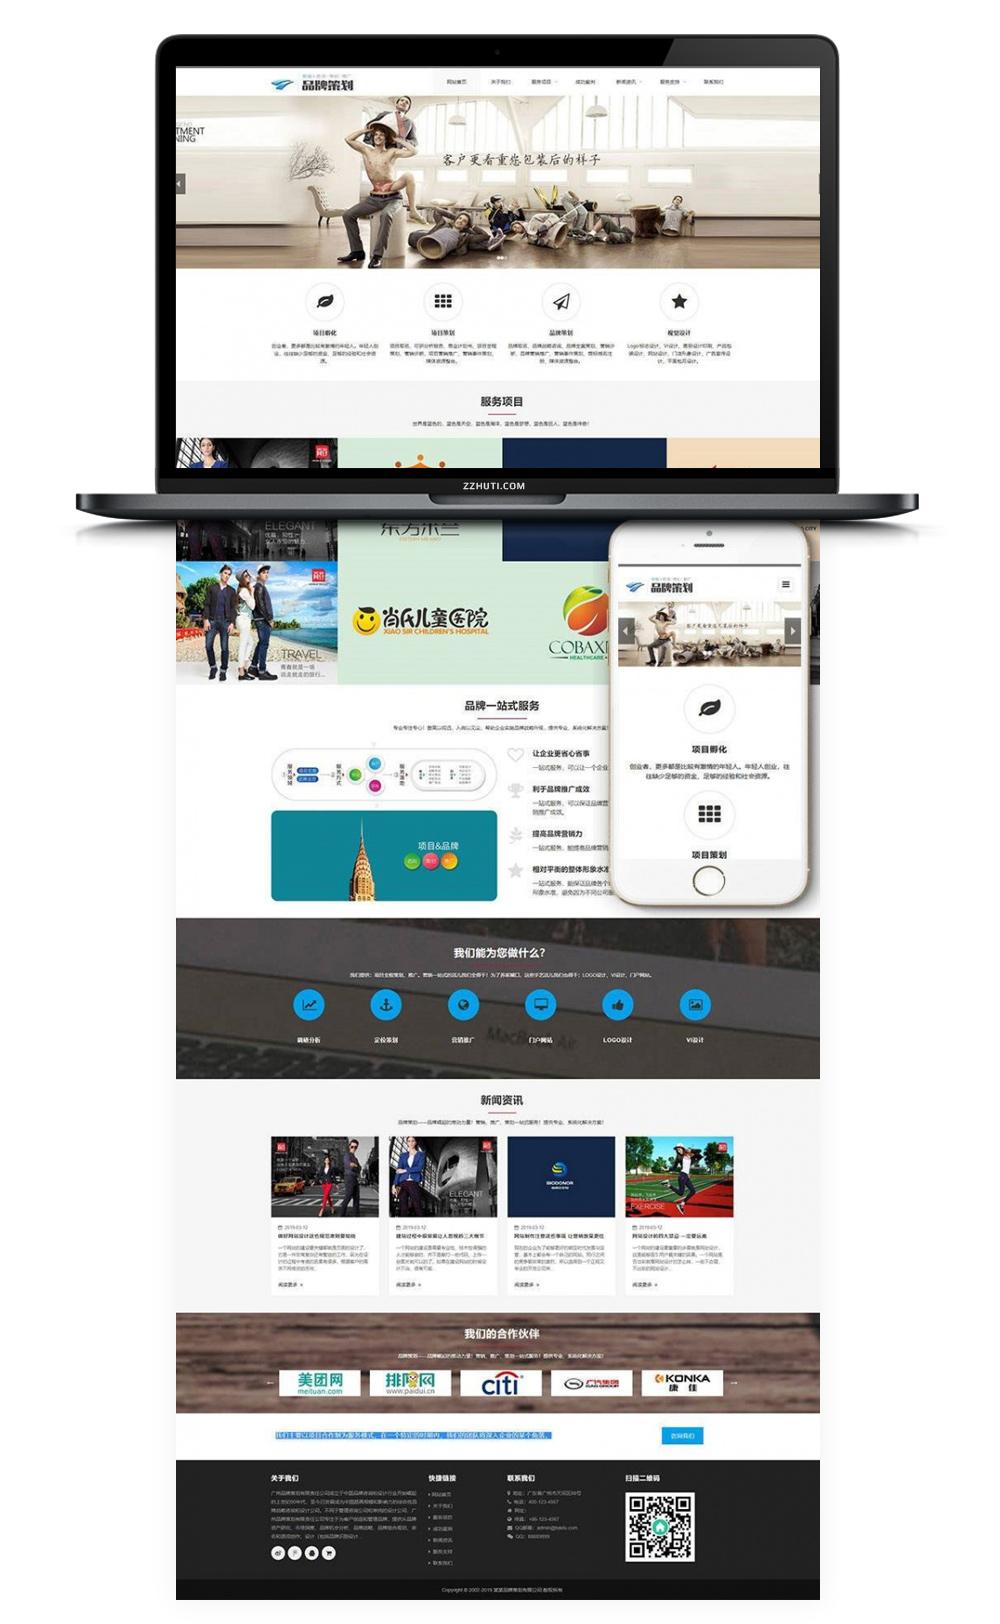 梦编织dedecms响应品牌规划公司网站模板源代码(自适应手机)-蓝汇源码